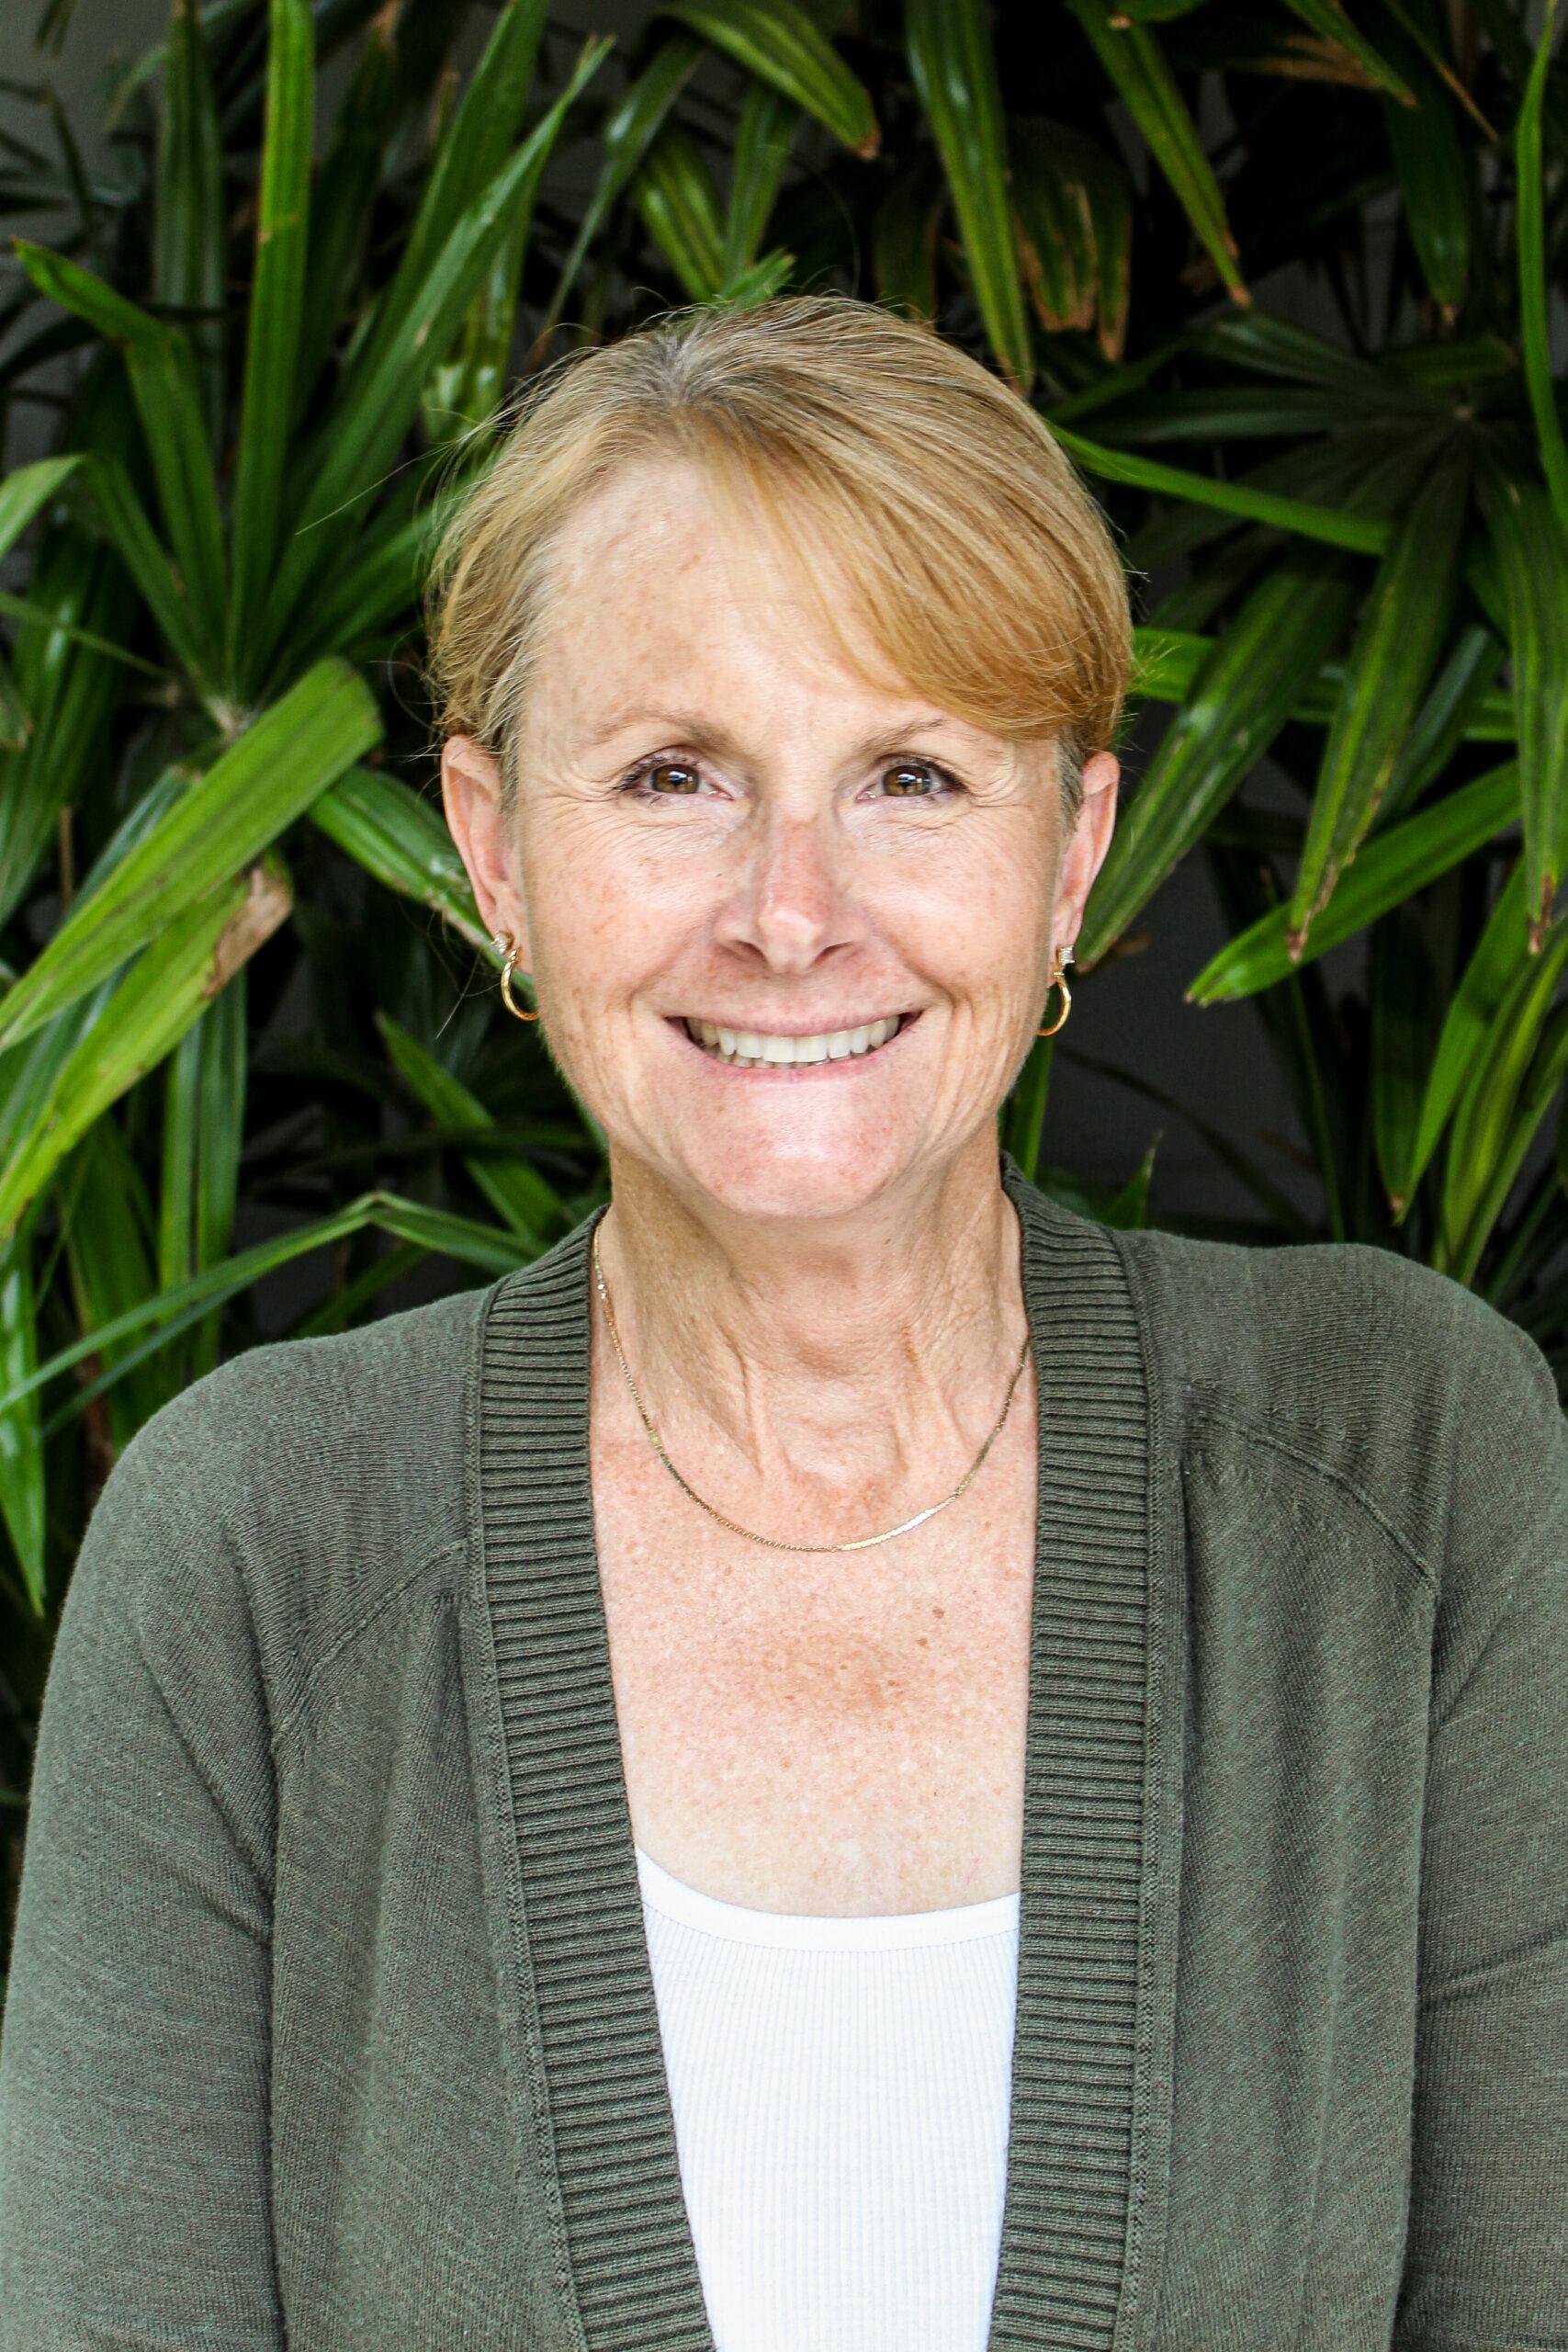 Linda Weller